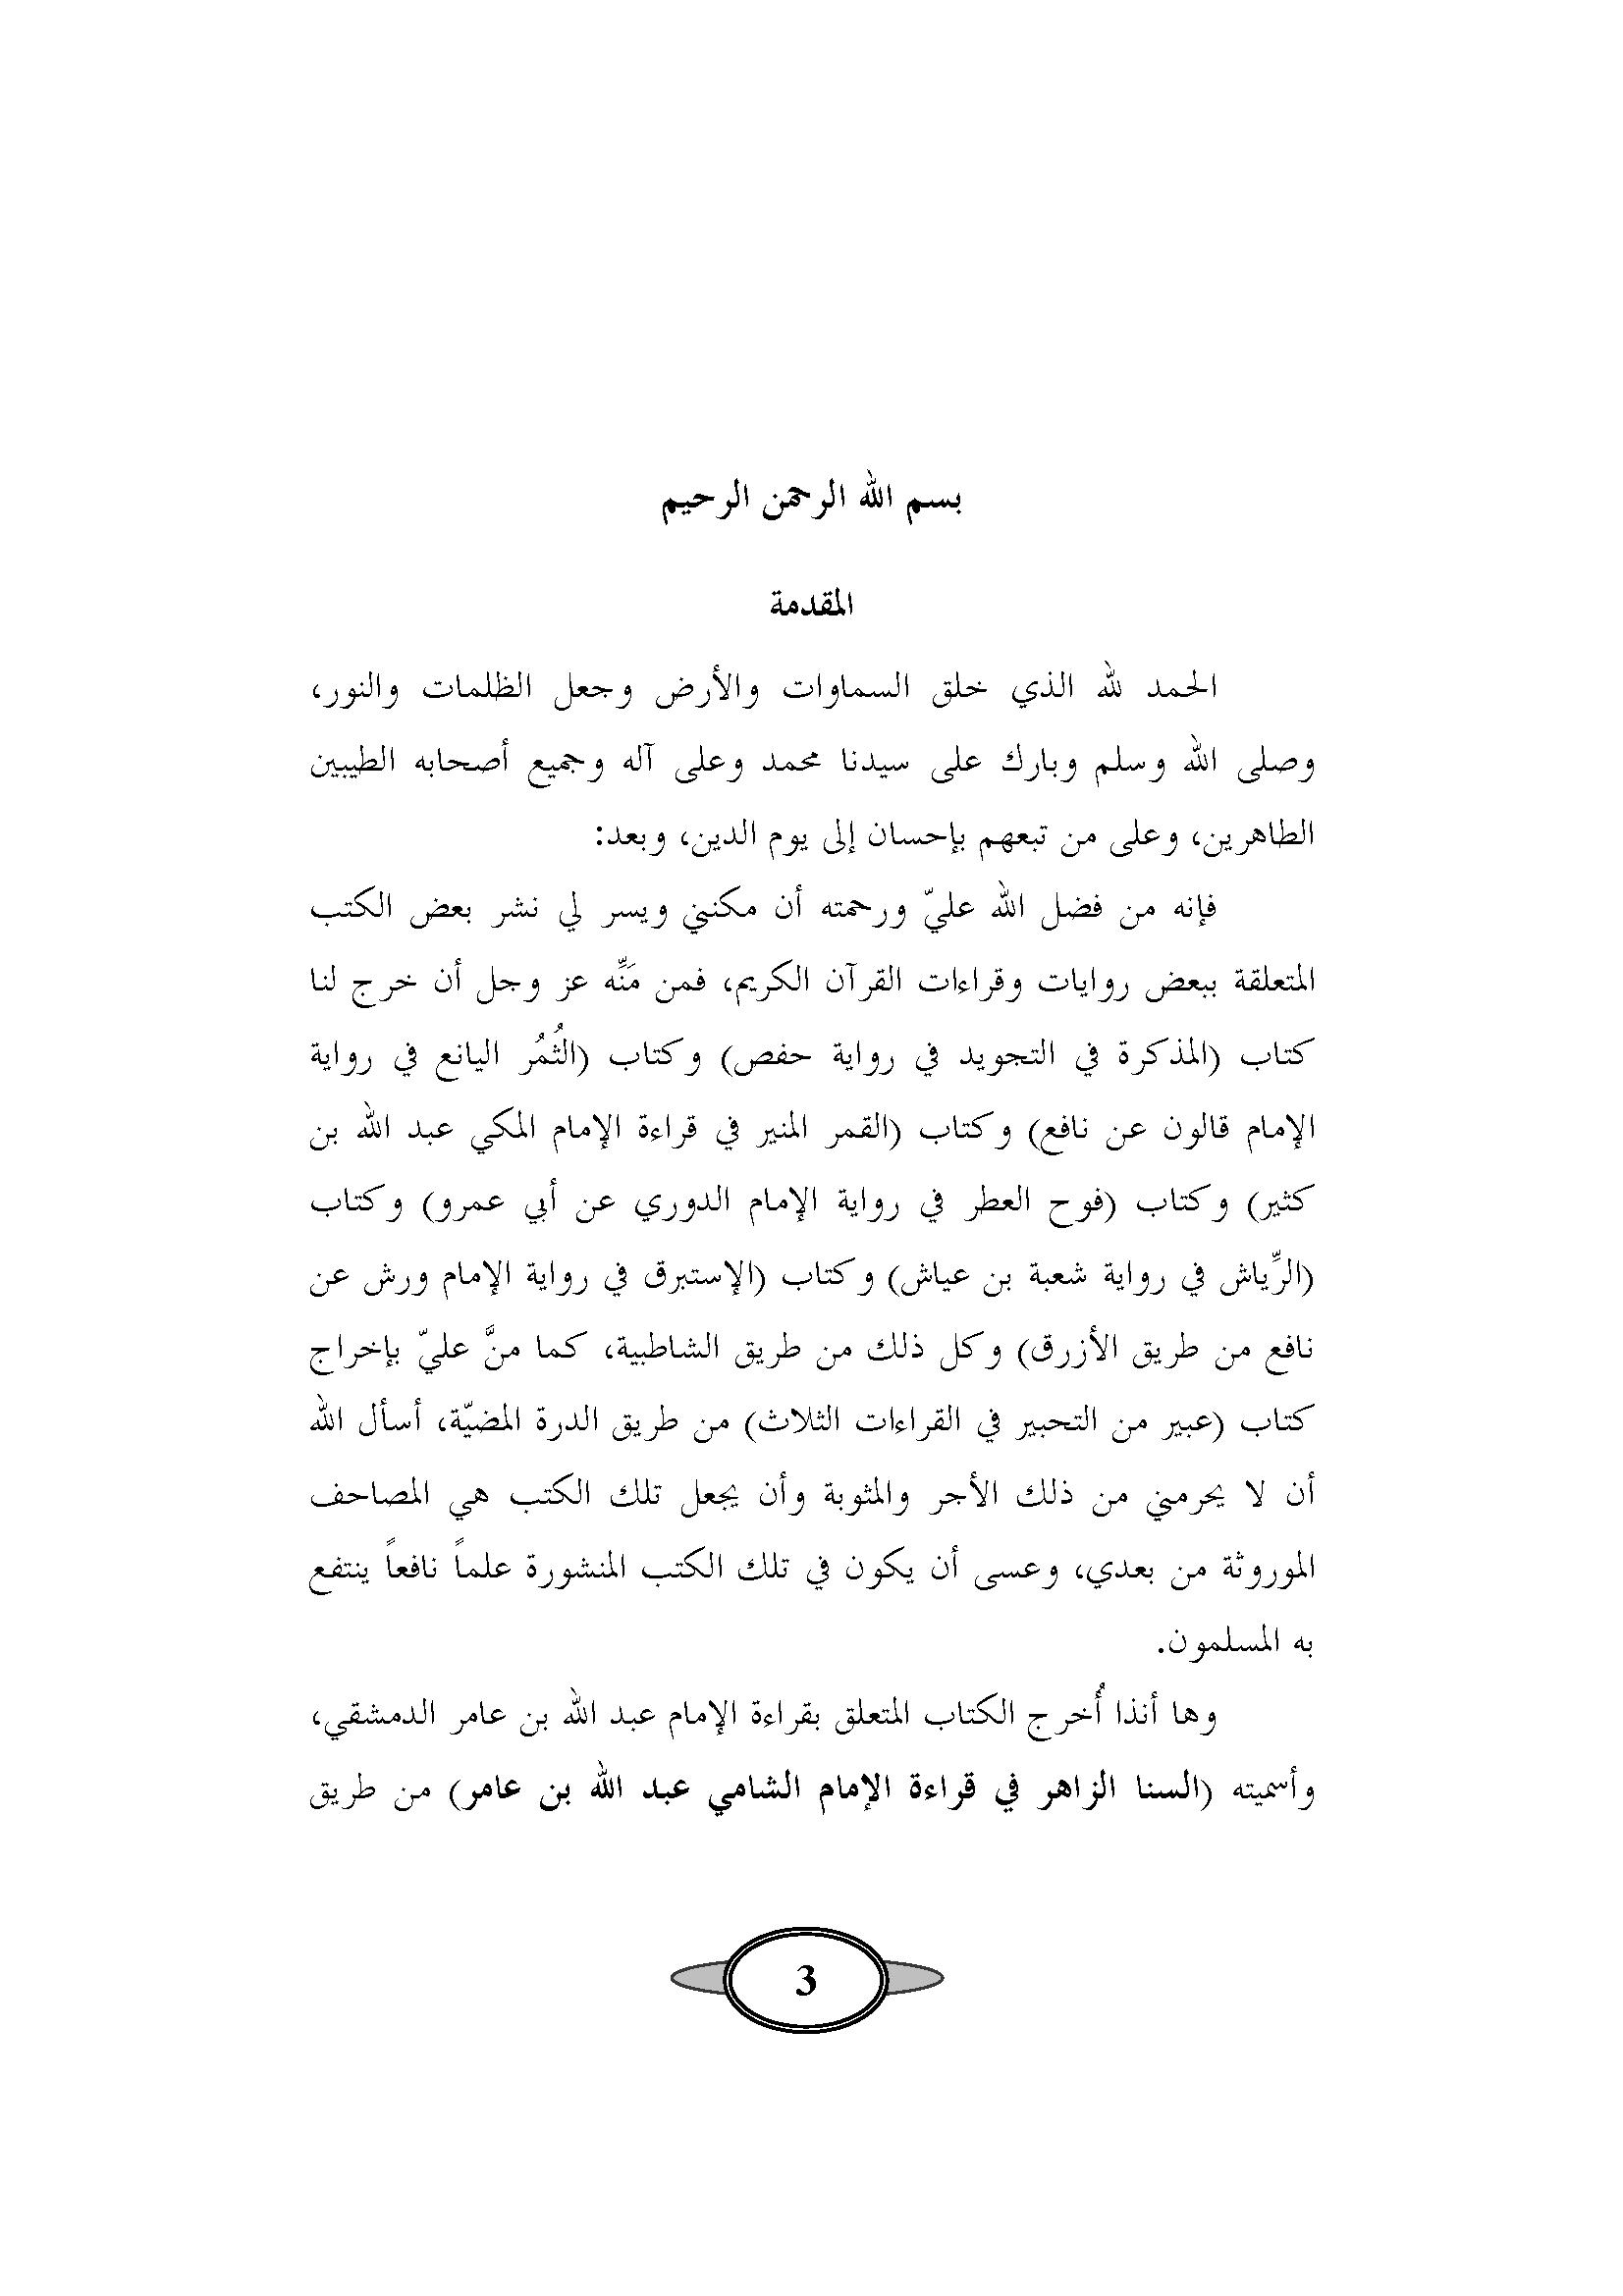 تحميل كتاب السنا الزاهر في قراءة الإمام الشامي عبد الله بن عامر لـِ: الشيخ محمد نبهان بن حسين مصري